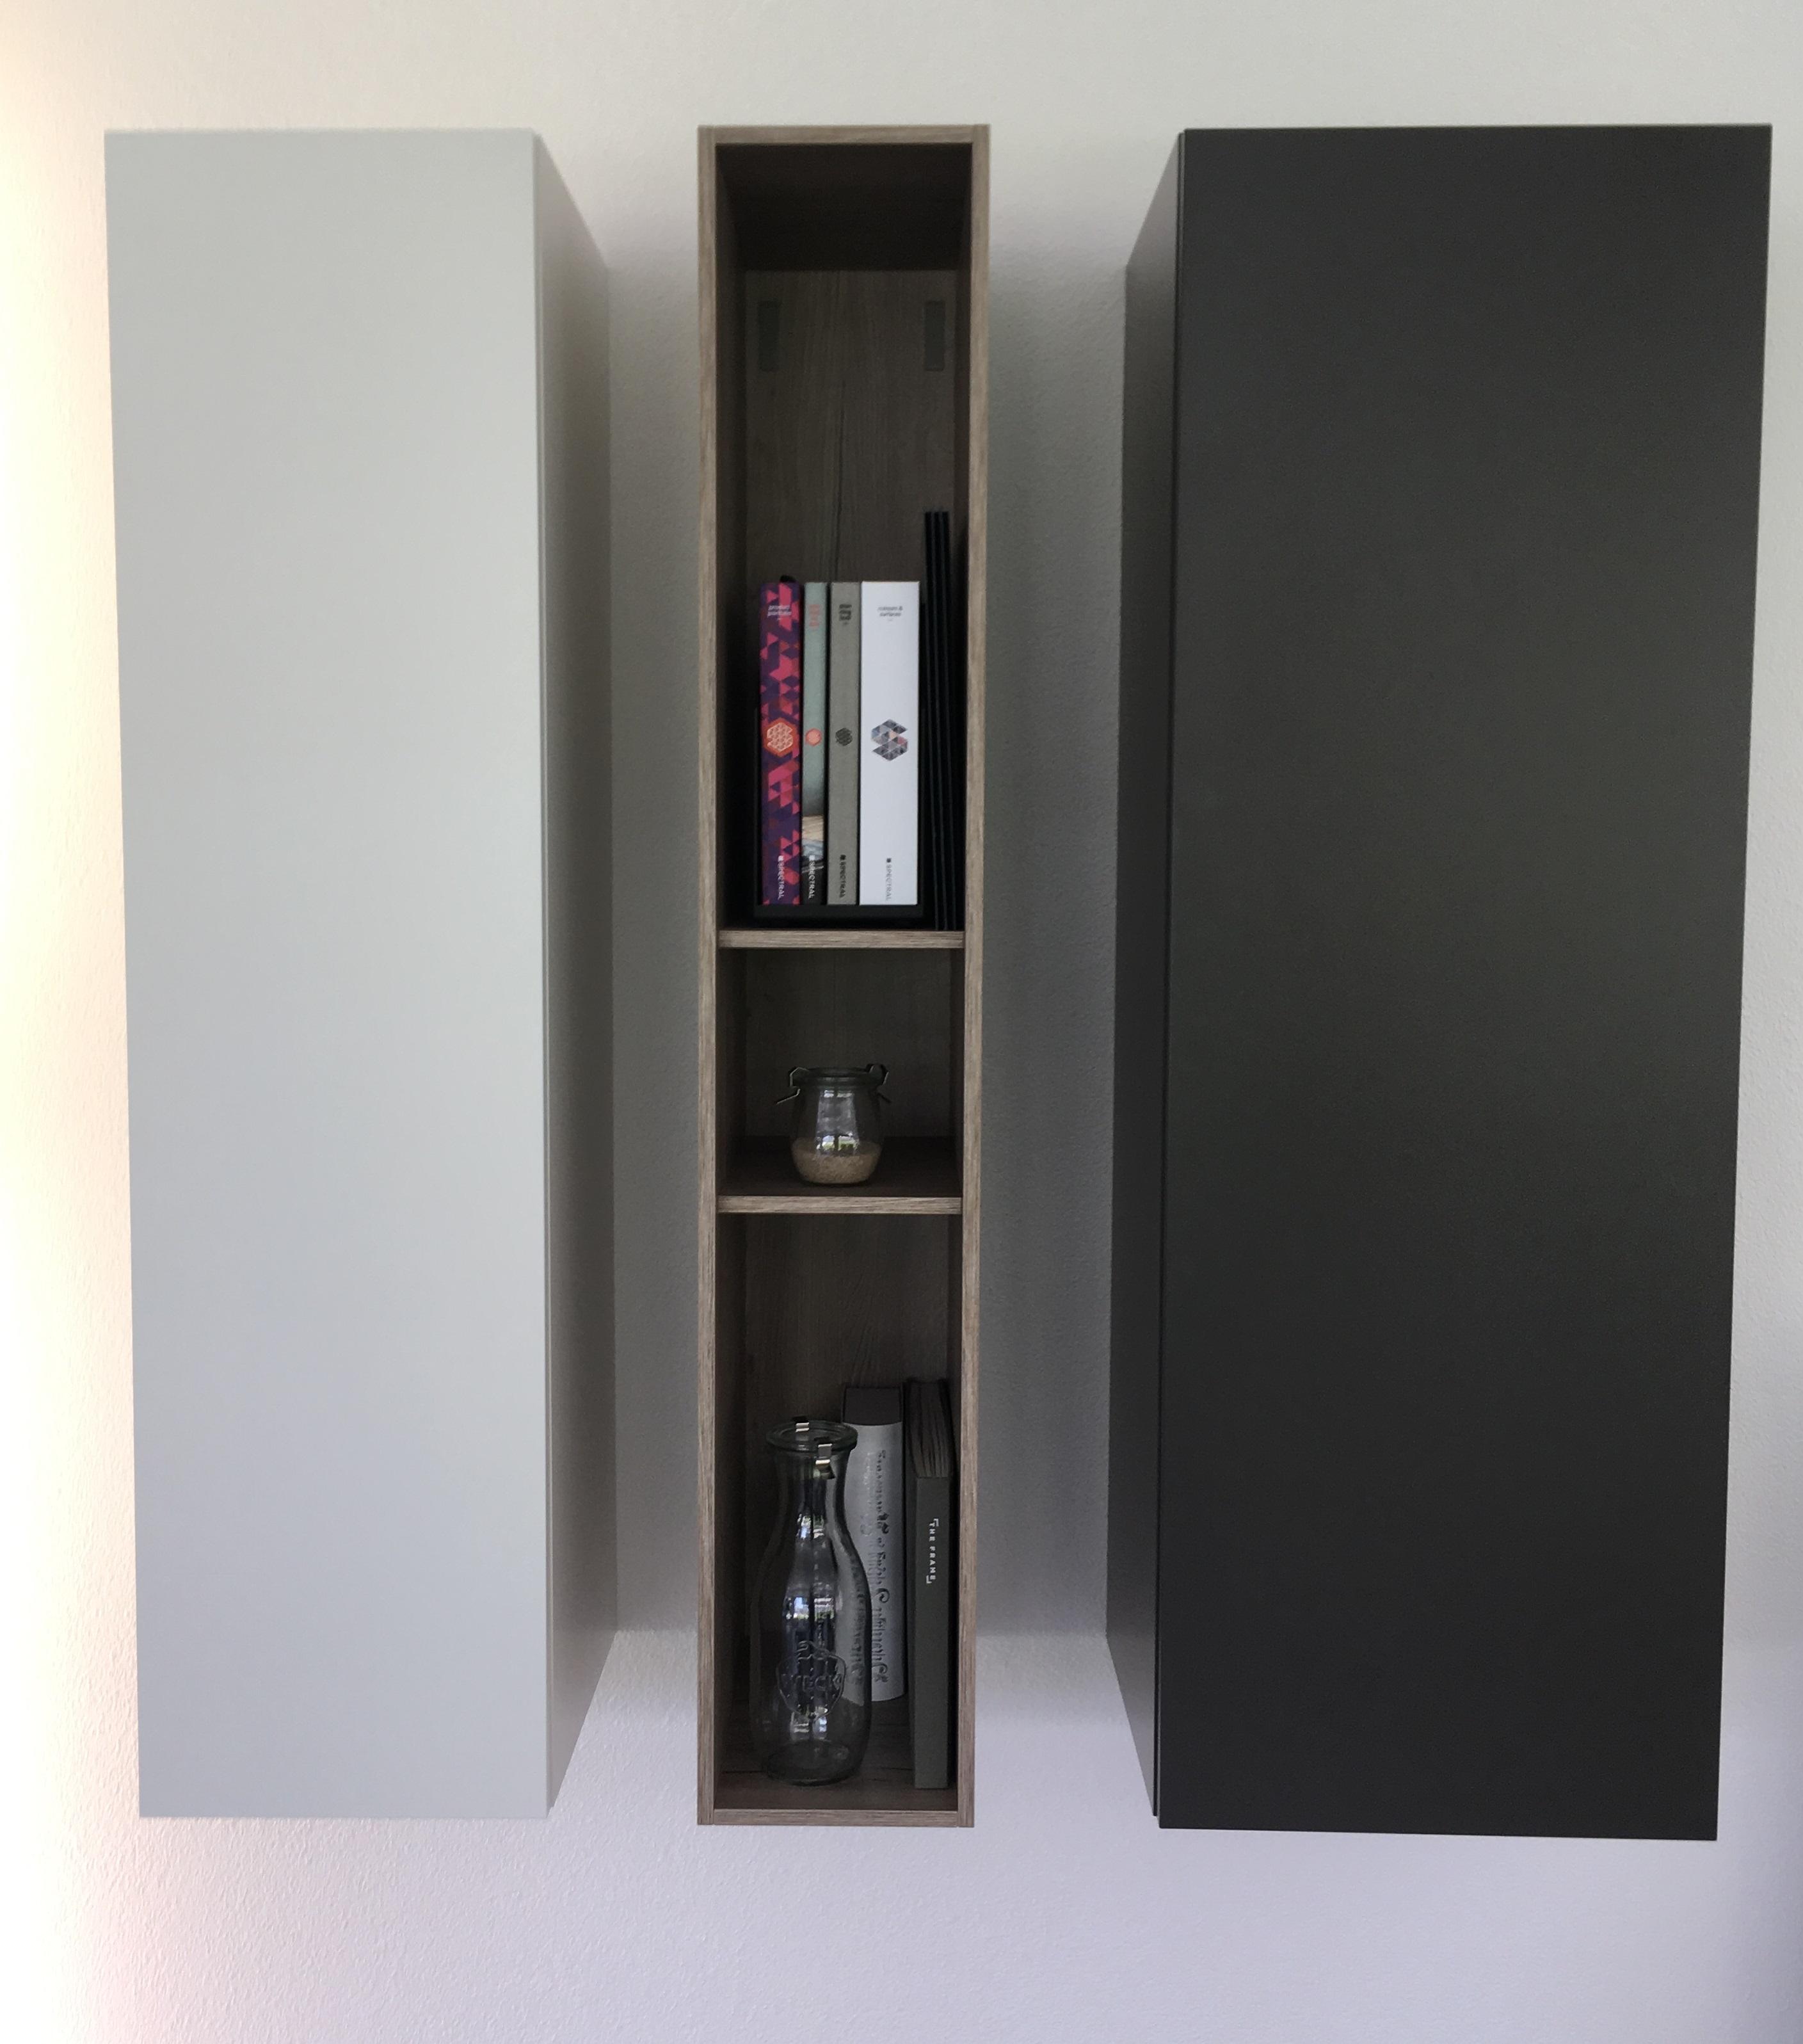 Ensemble complet meuble bas + meuble de rangement